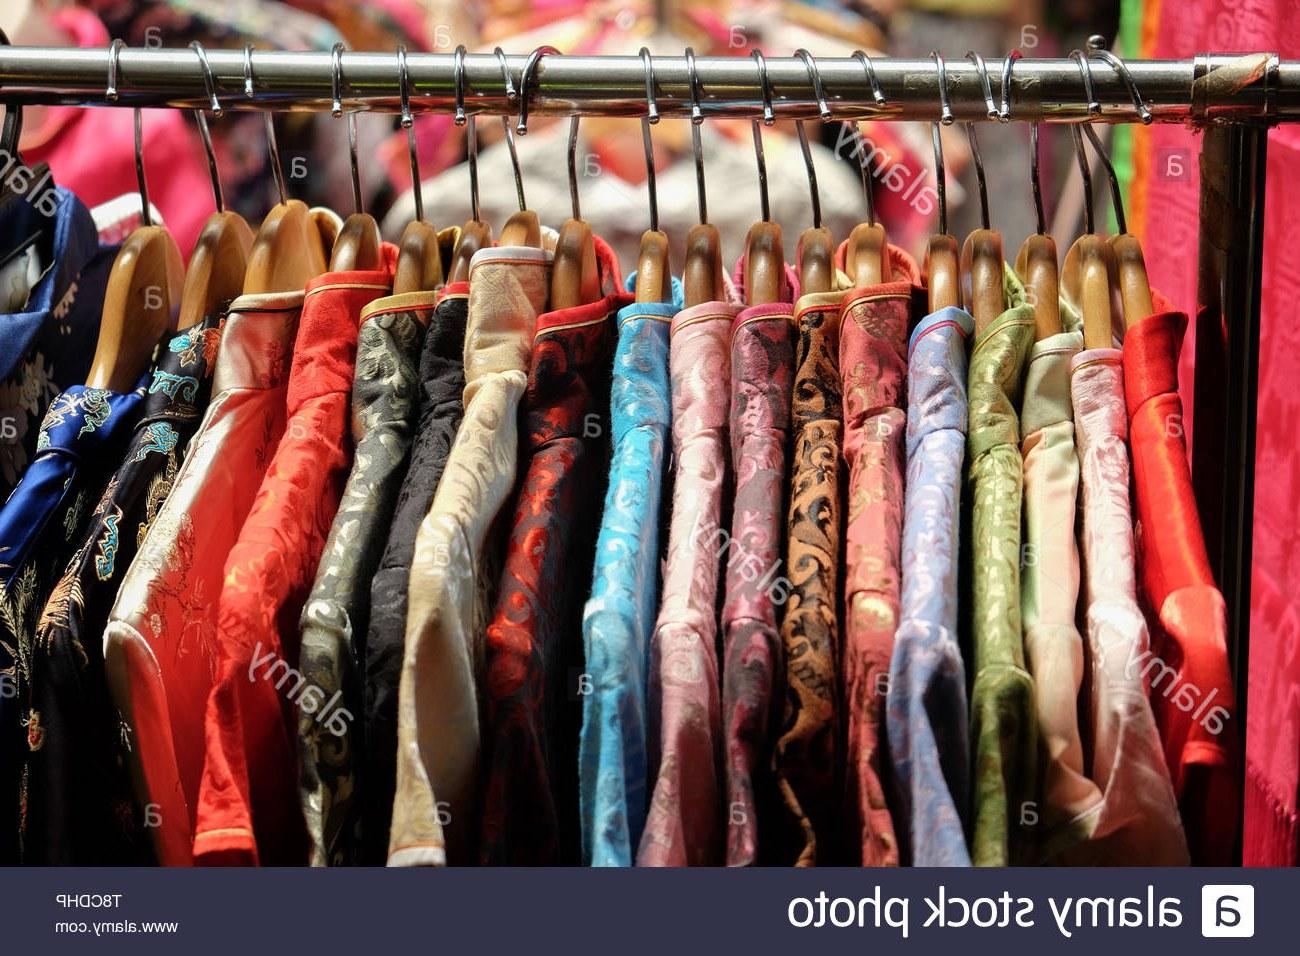 Bentuk Model Baju Pengantin India Muslim Ftd8 Kuala Lumpur Market Clothes Stock S & Kuala Lumpur